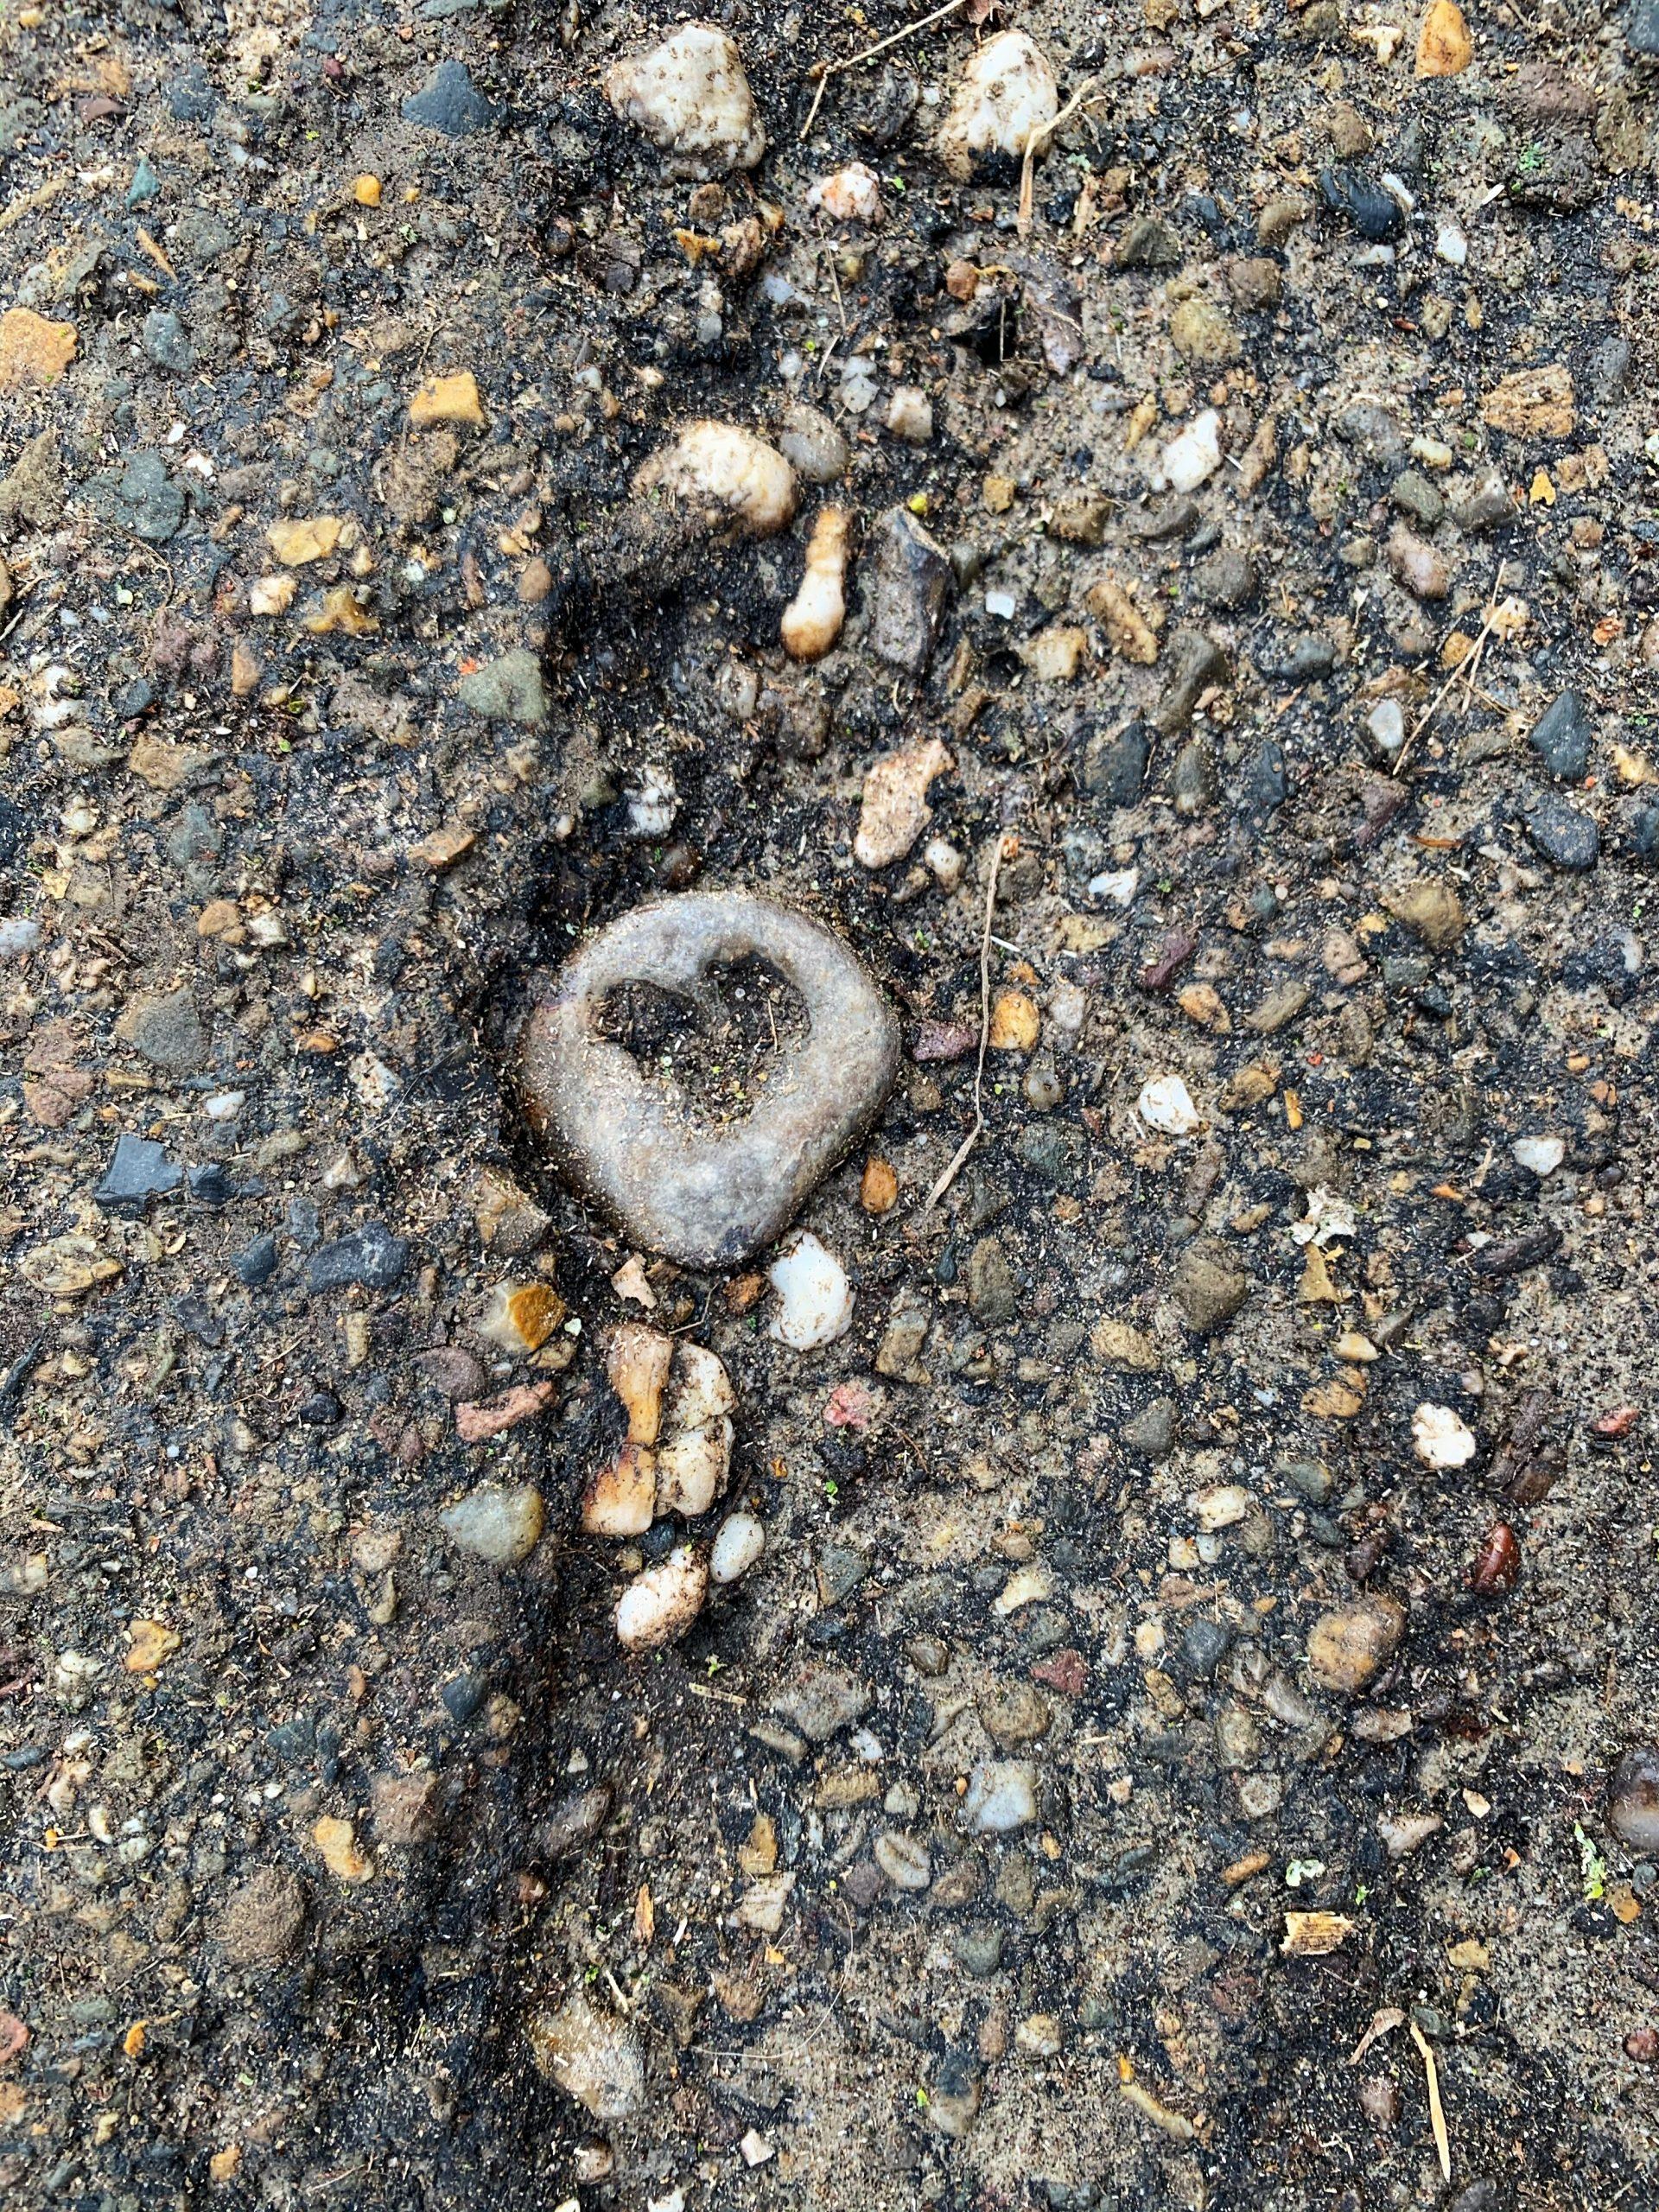 cammino della fortuna love is all around